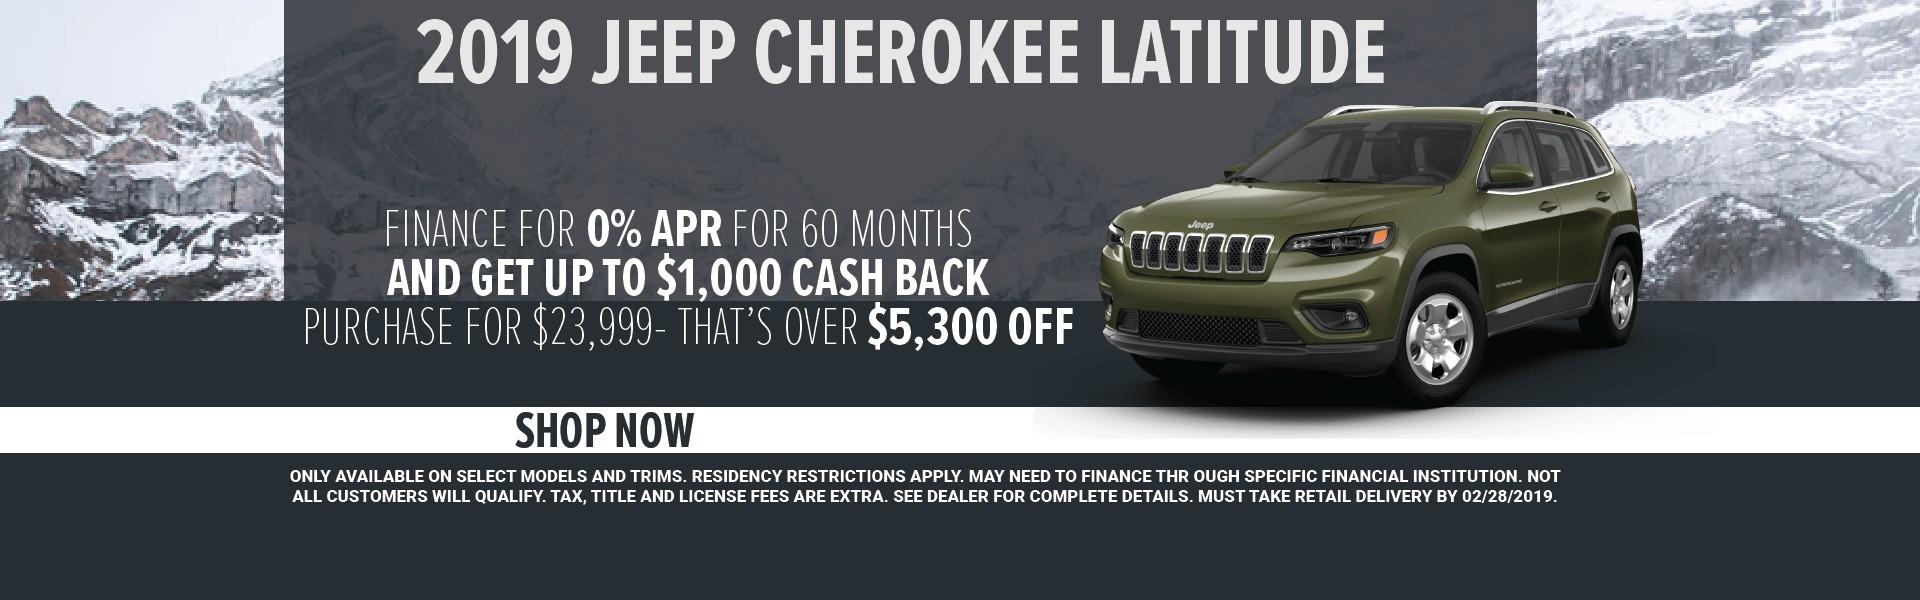 cherokeee